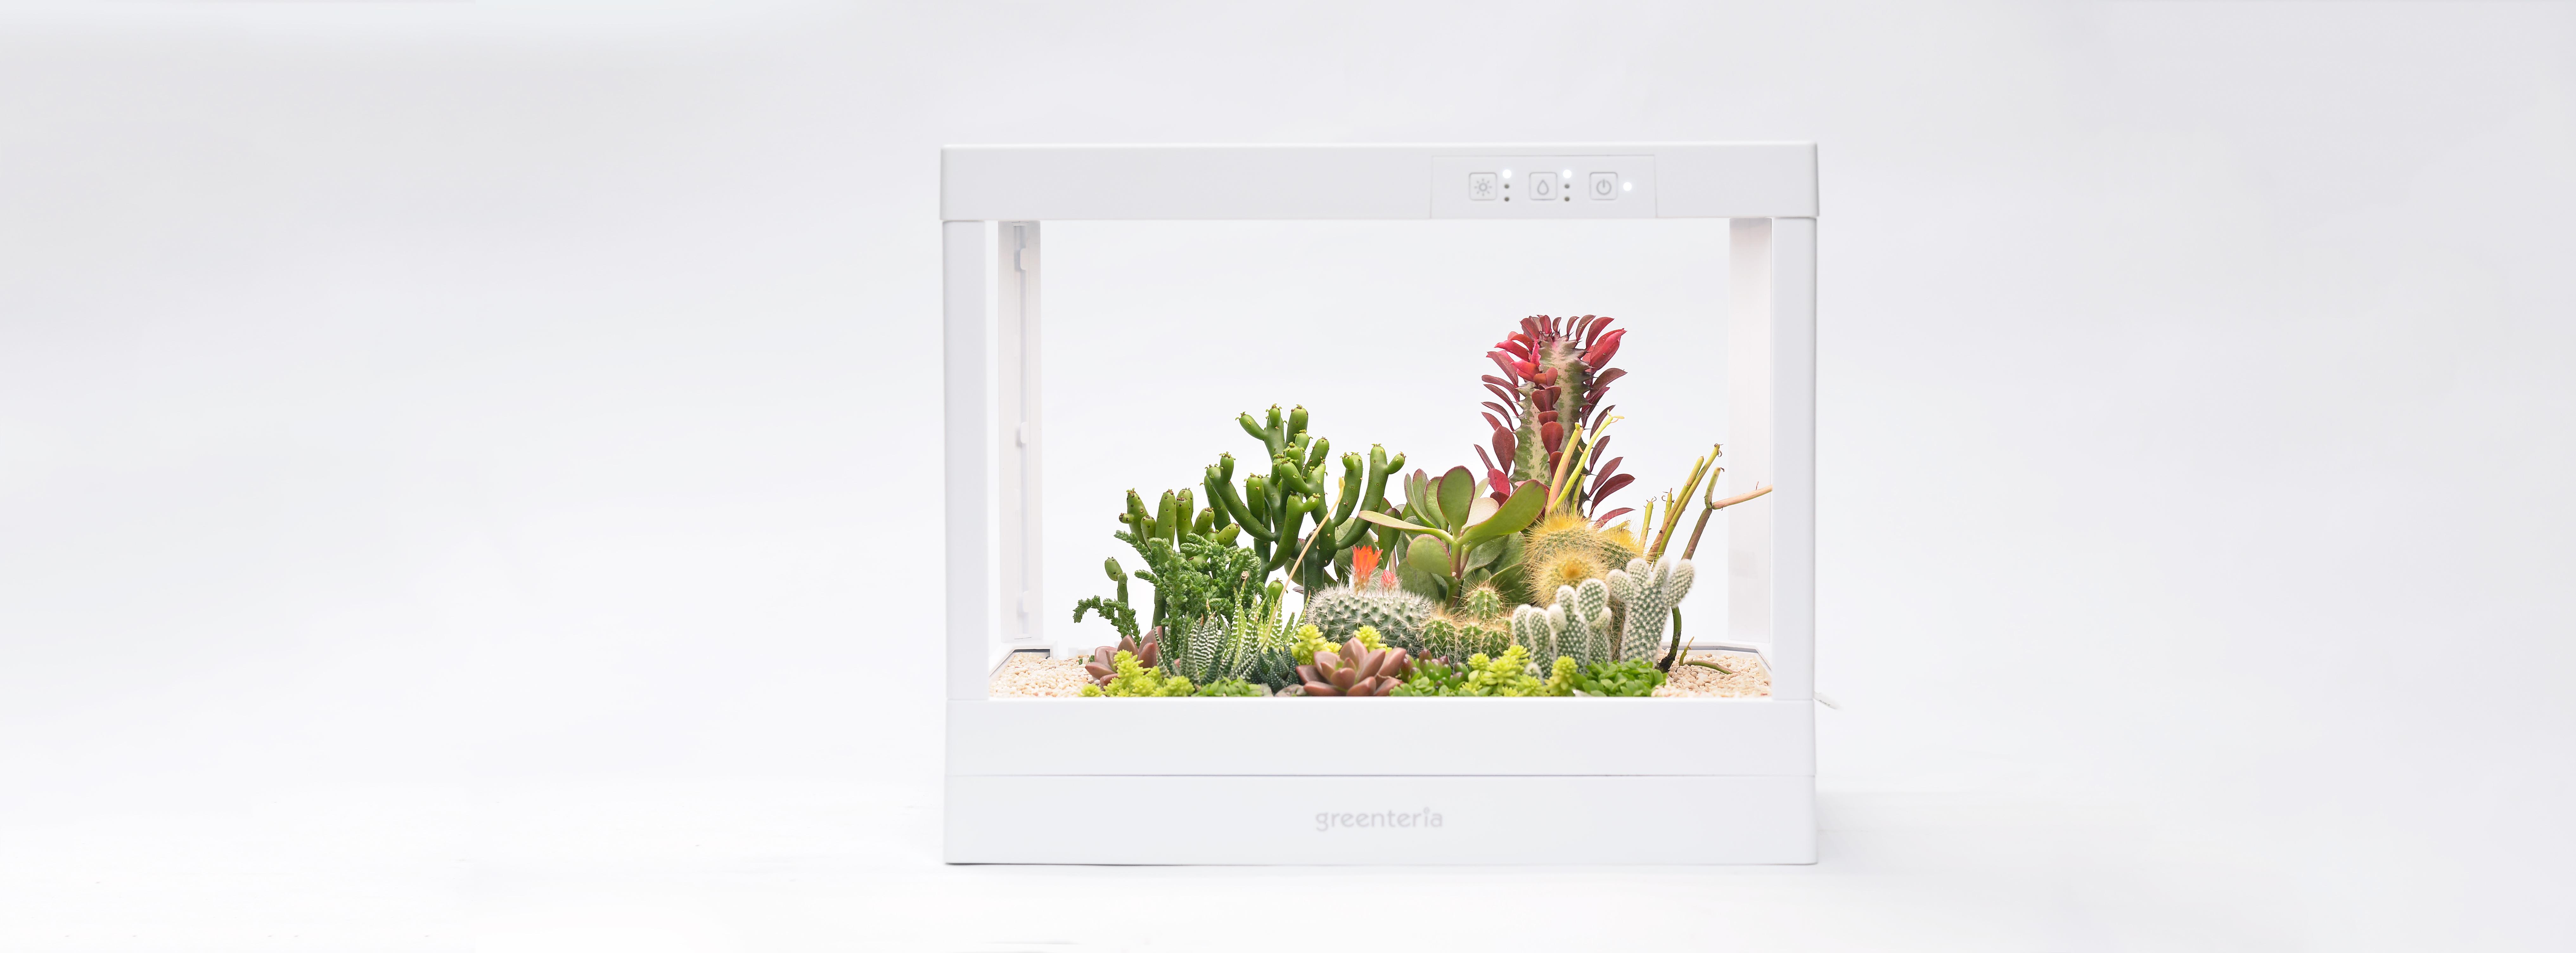 生態箱 6